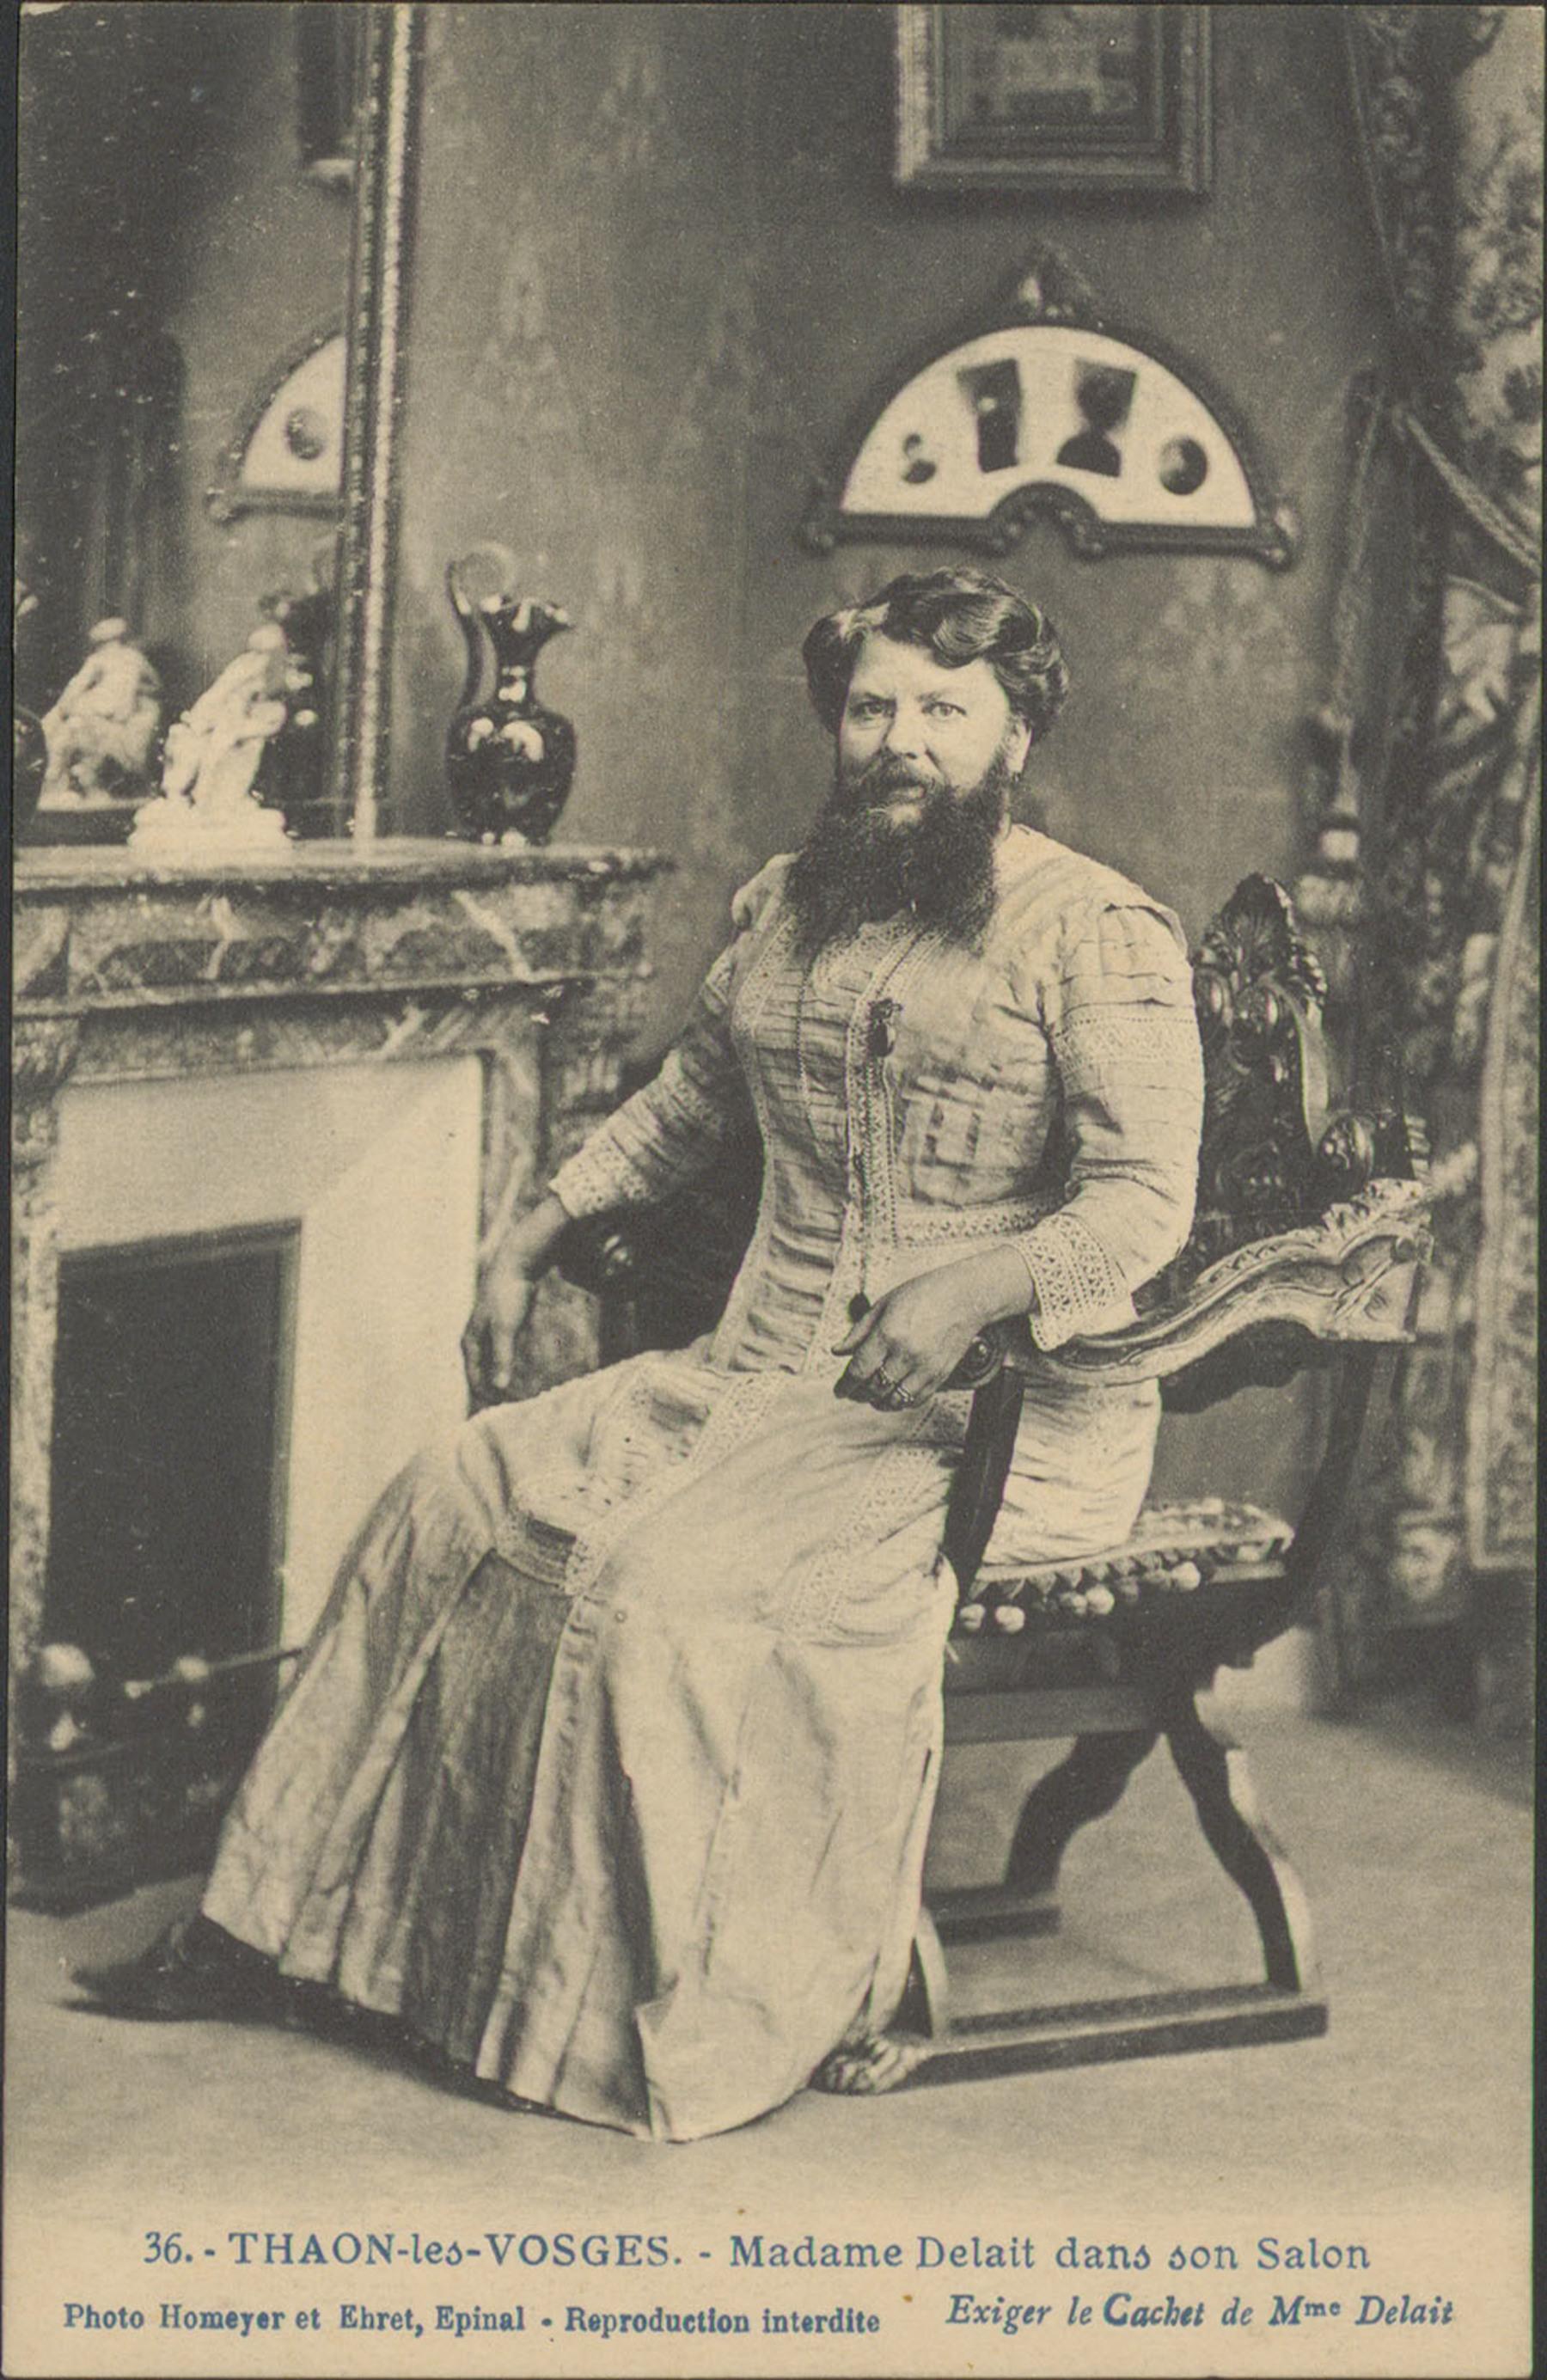 Contenu du Thaon-les-Vosges, Madame Delait dans son salon. Les cartes postales du phénomène se vendent comme des petits pains. Clémentine se fait photographier en aéroplane ou dans la cage des lions du dompteur Camilius.